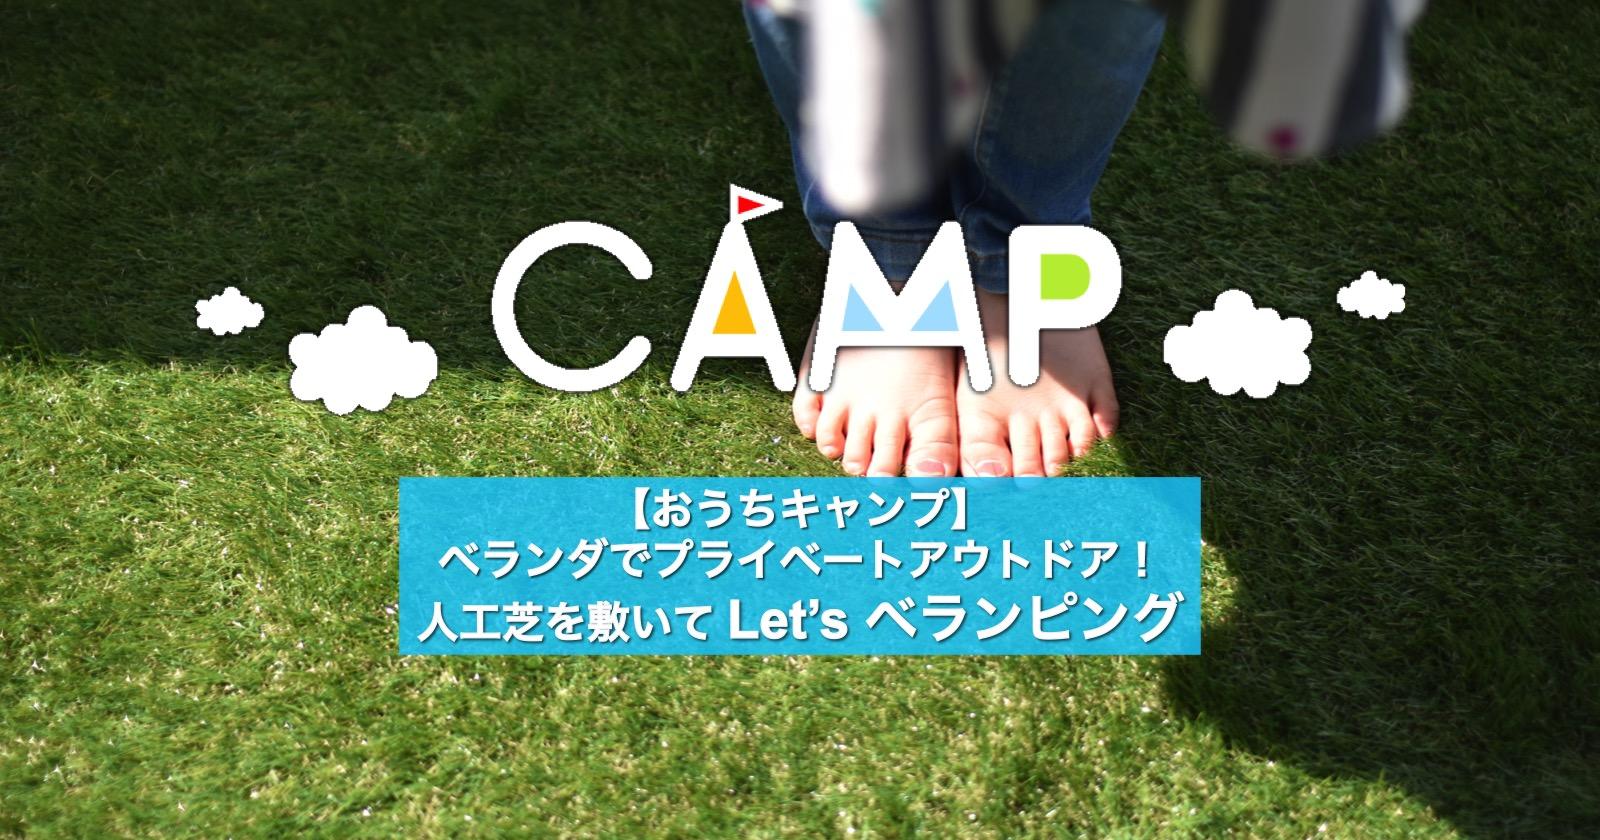 【おうちキャンプ】ベランダでプライベートアウトドア!人工芝を敷いて Let's ベランピング